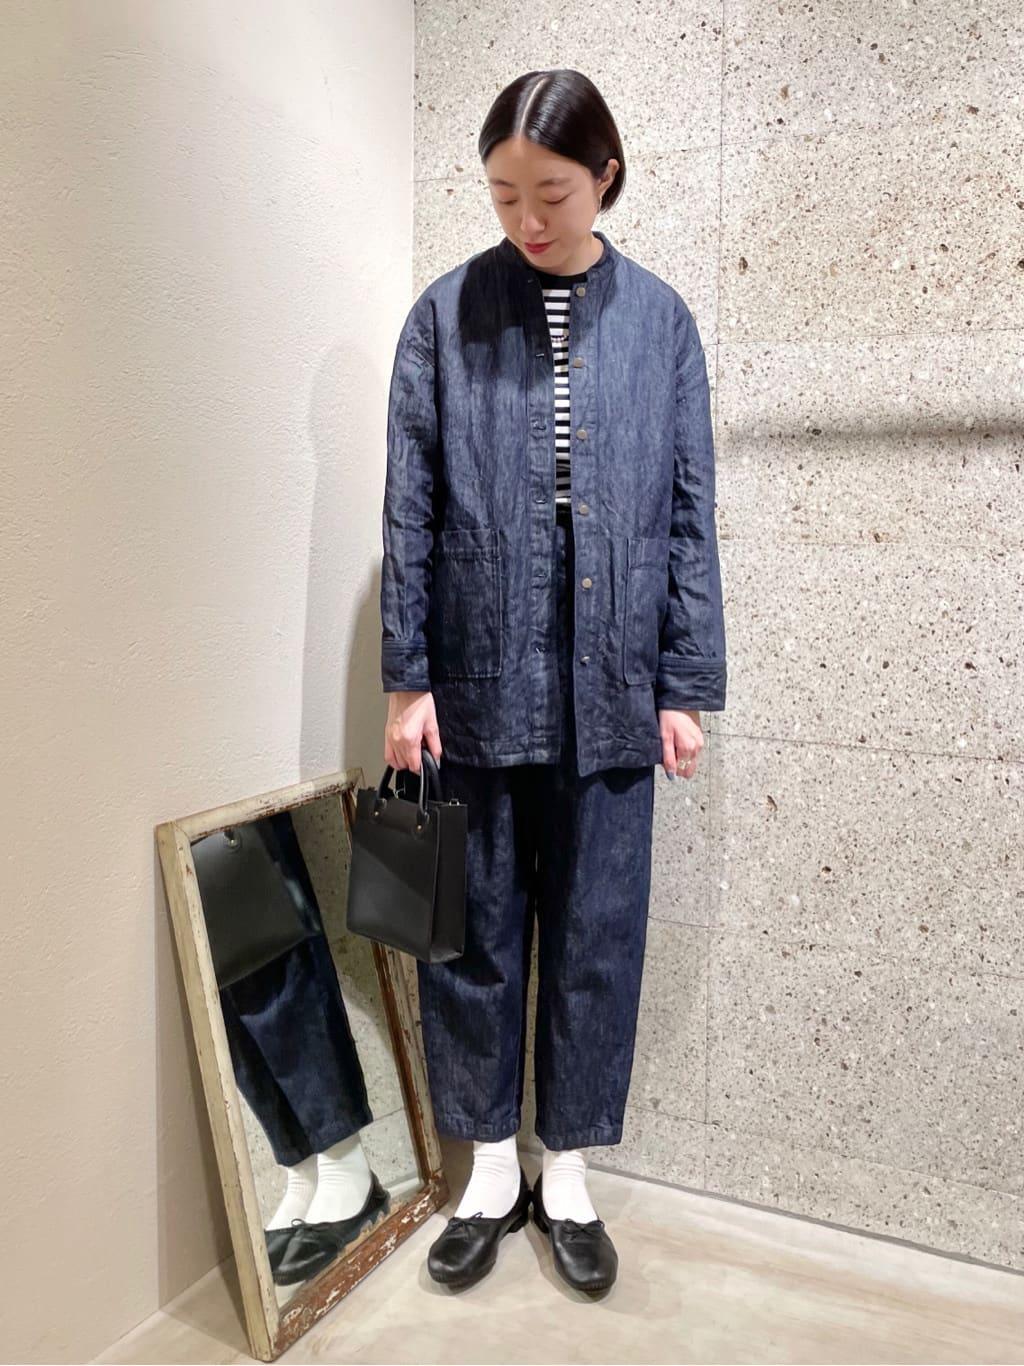 yuni ニュウマン横浜 身長:166cm 2021.08.27